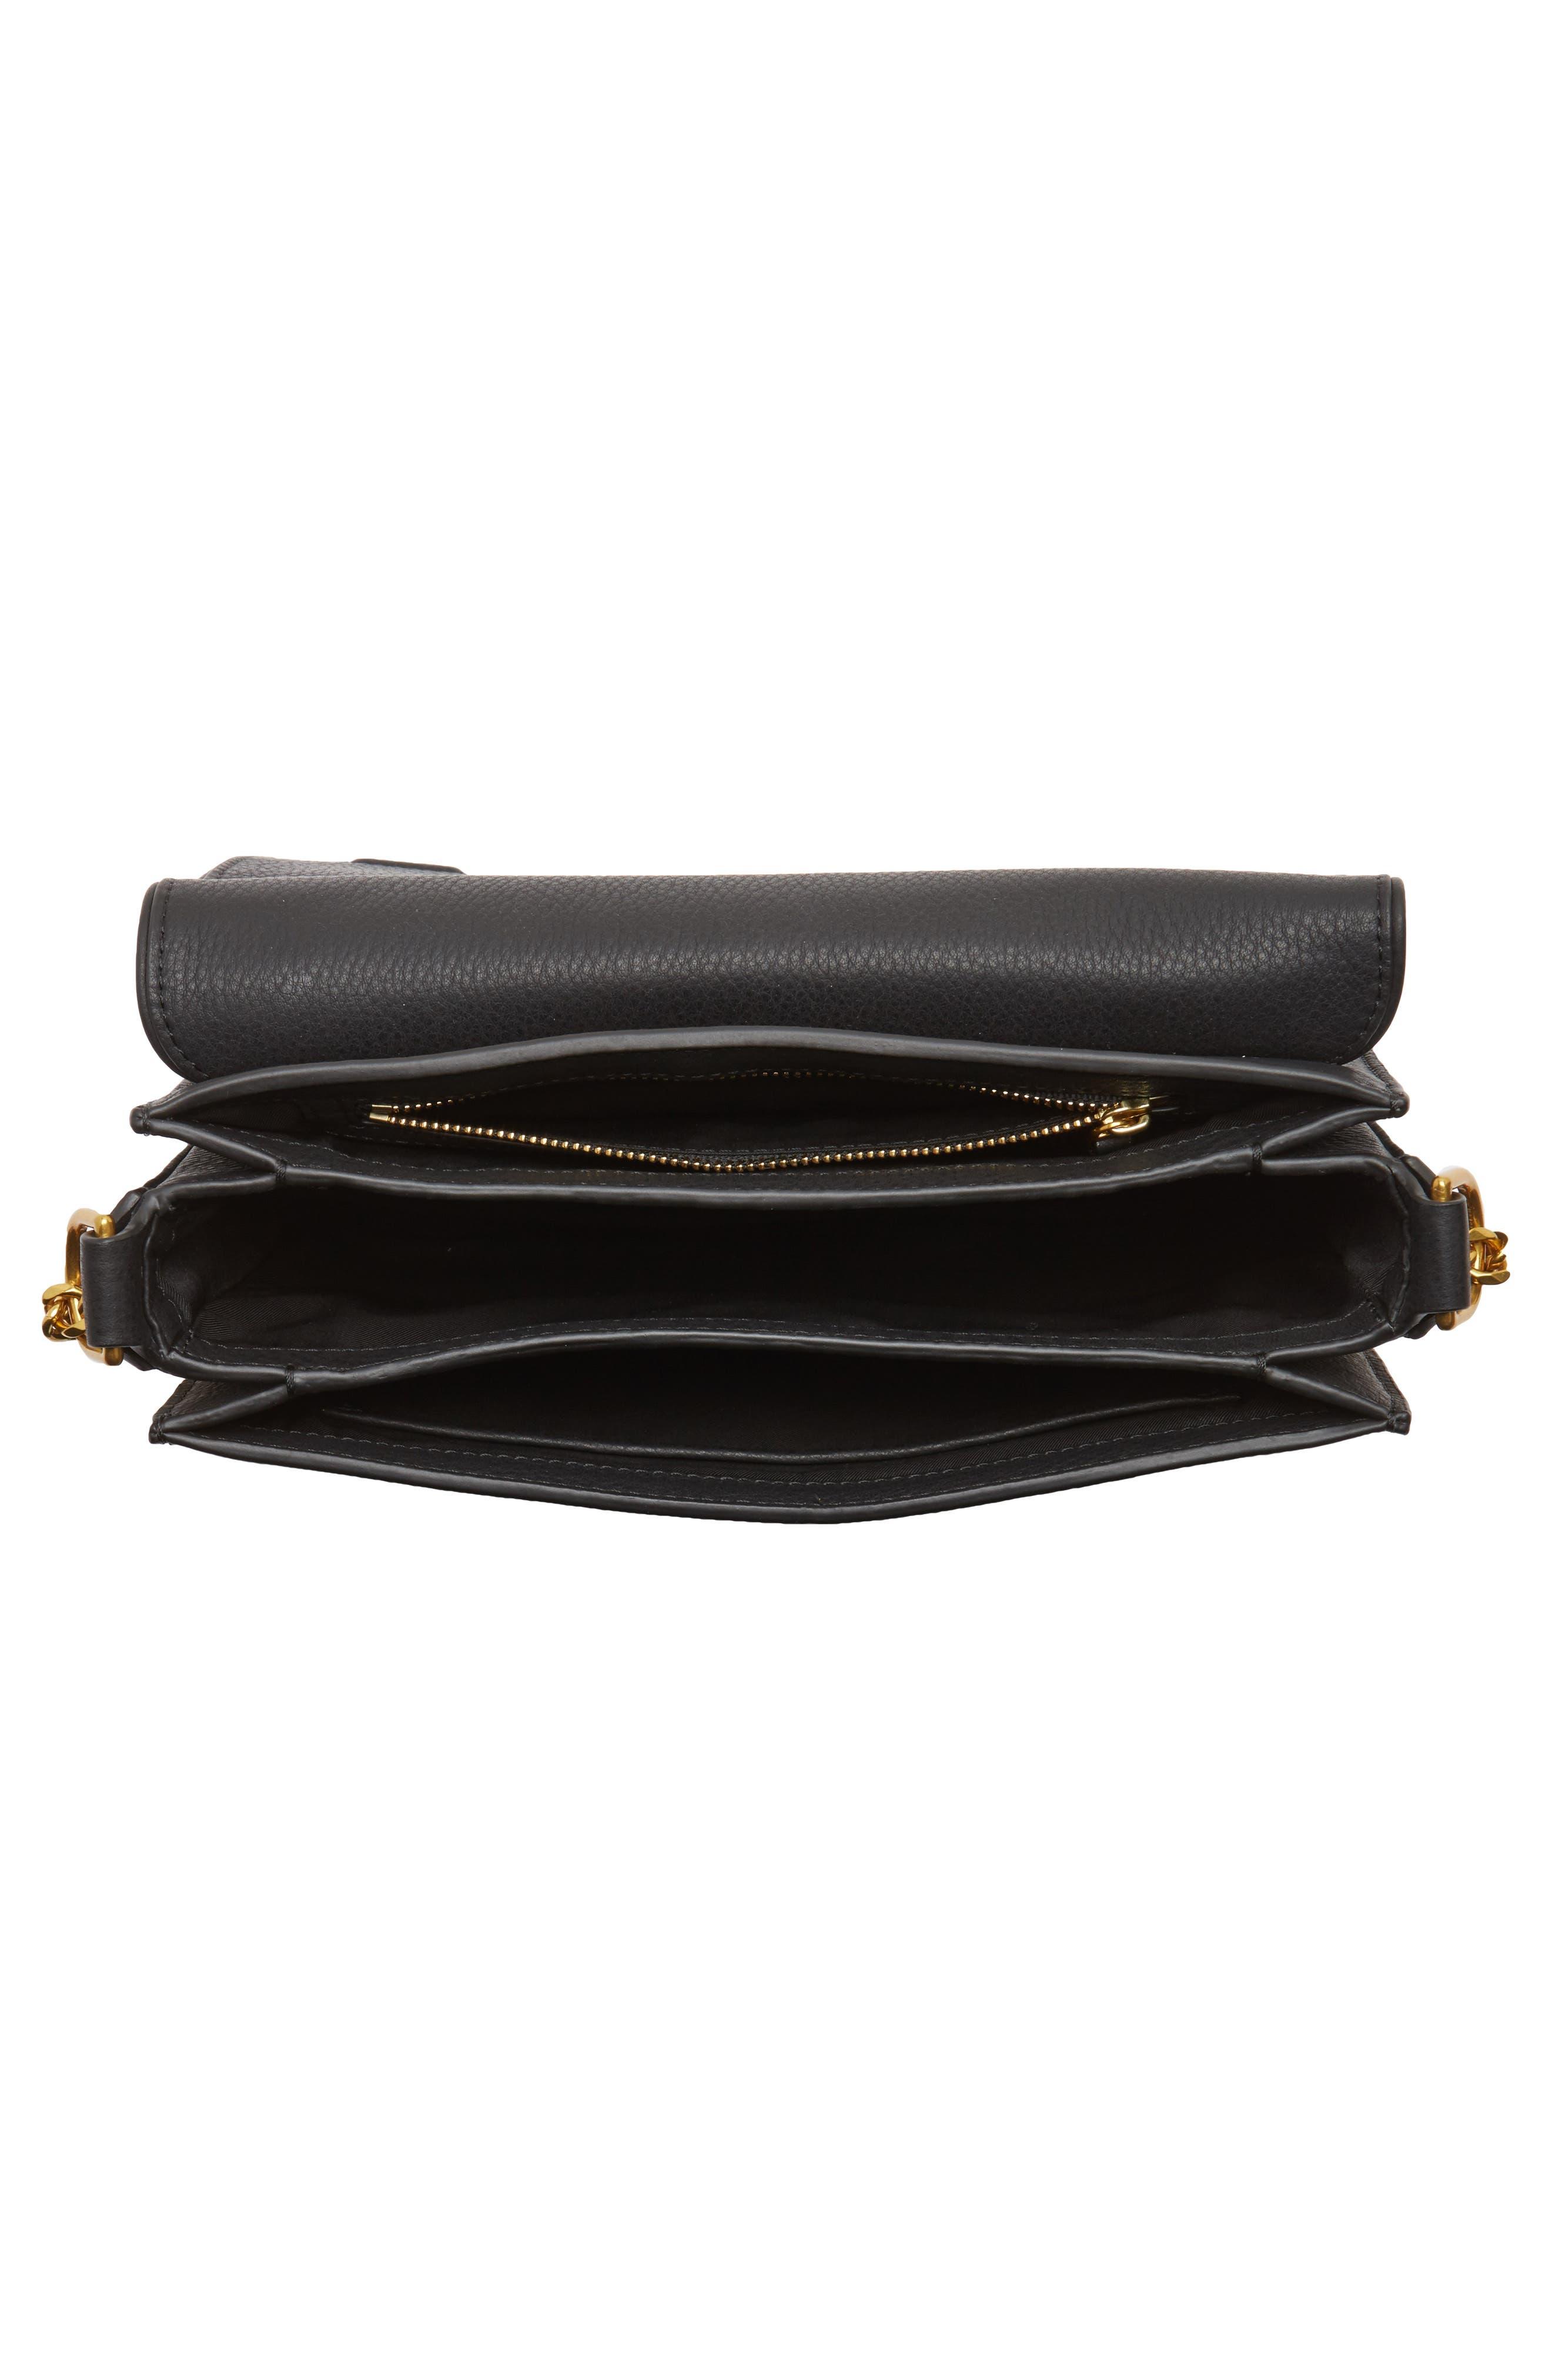 Chelsea Leather Shoulder Bag,                             Alternate thumbnail 4, color,                             001